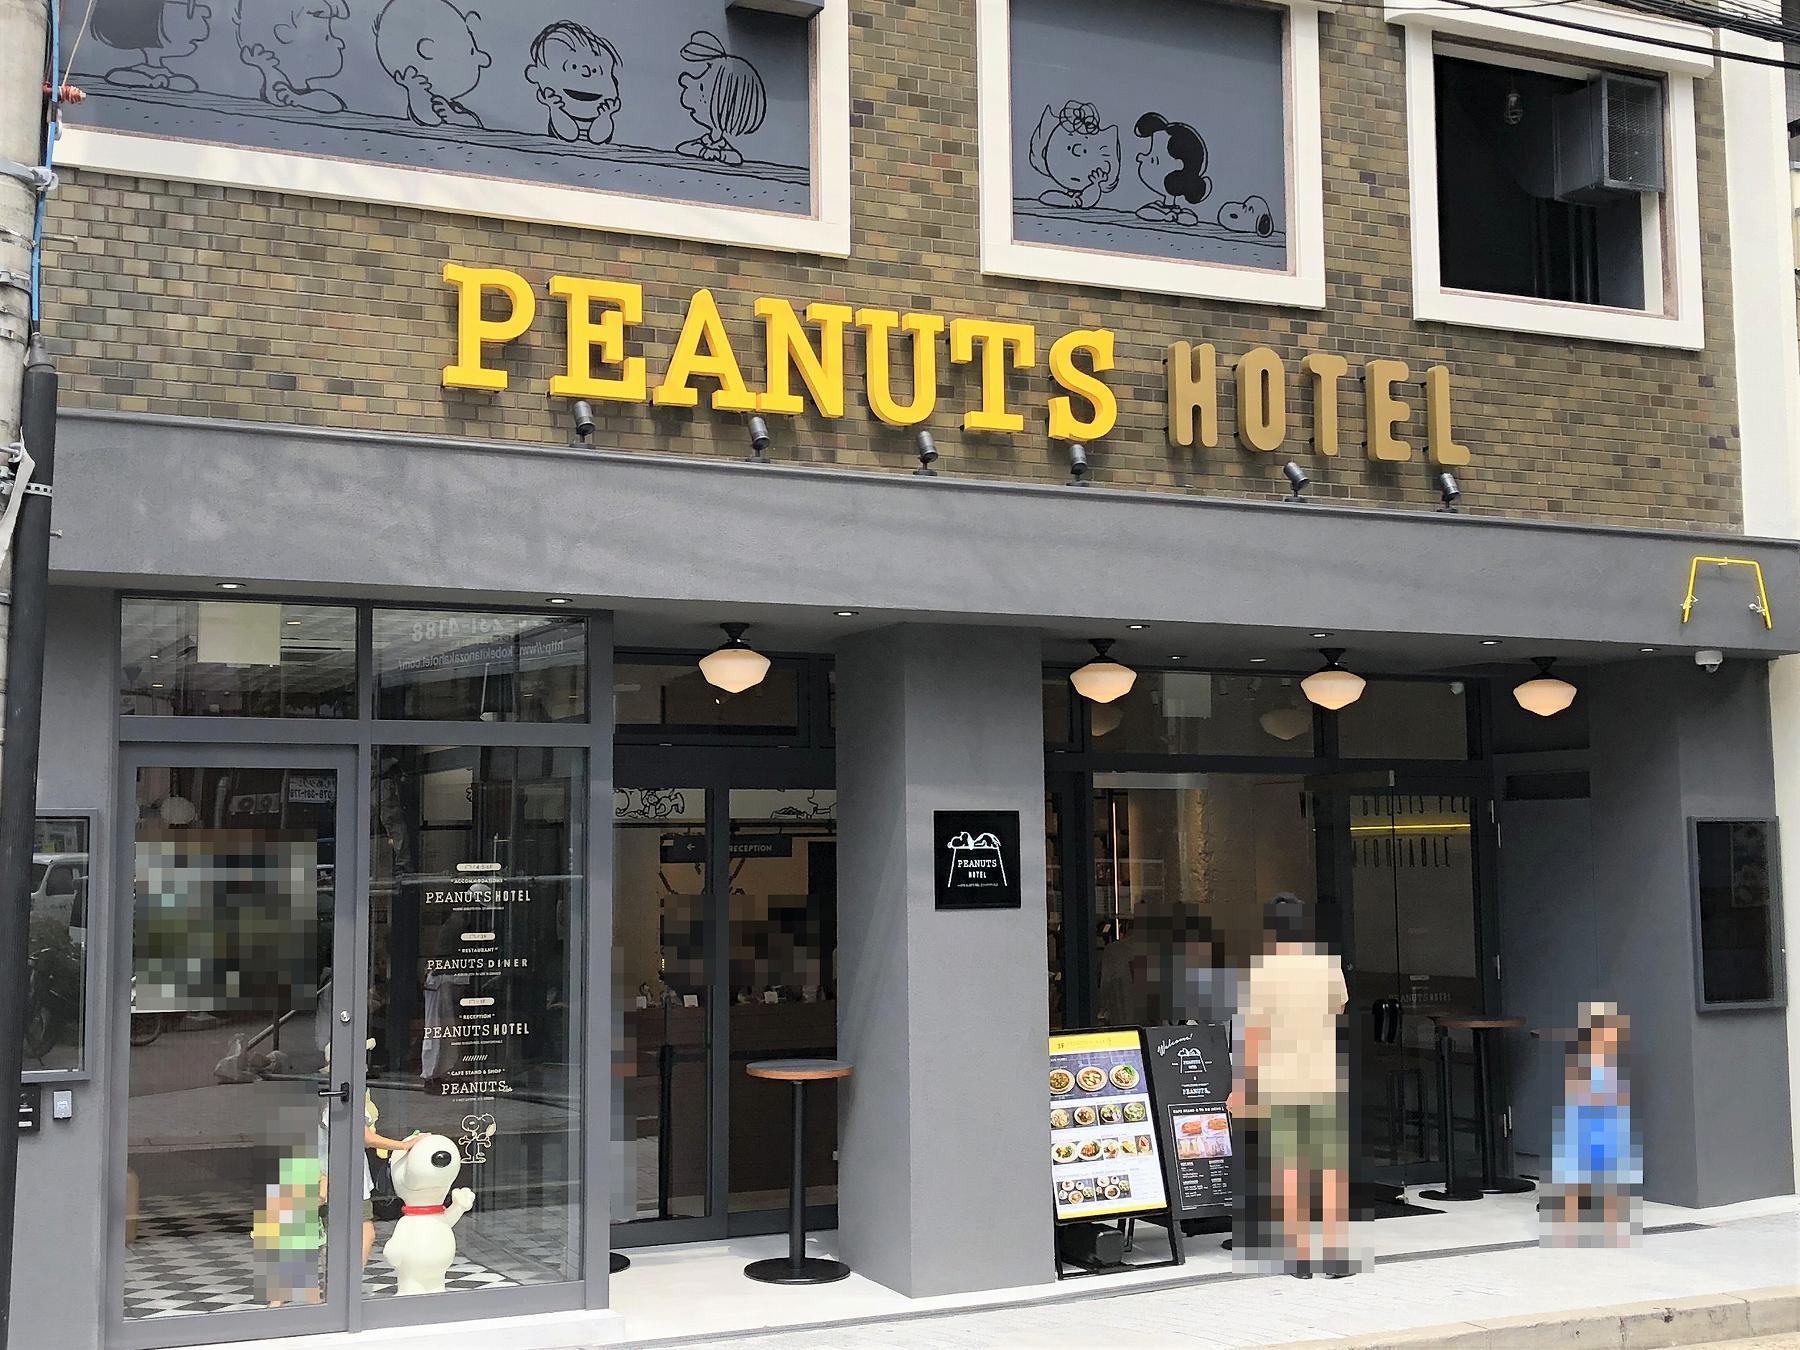 神戸・北野坂に「PEANUTS HOTEL(ピーナッツ ホテル)」が8/1オープン!1階の「PEANUTS Cafe 神戸」に立ち寄ってみた! #ピーナッツホテル #スヌーピー #神戸北野坂 #神戸観光 #新規オープン #ピーナッツカフェ神戸